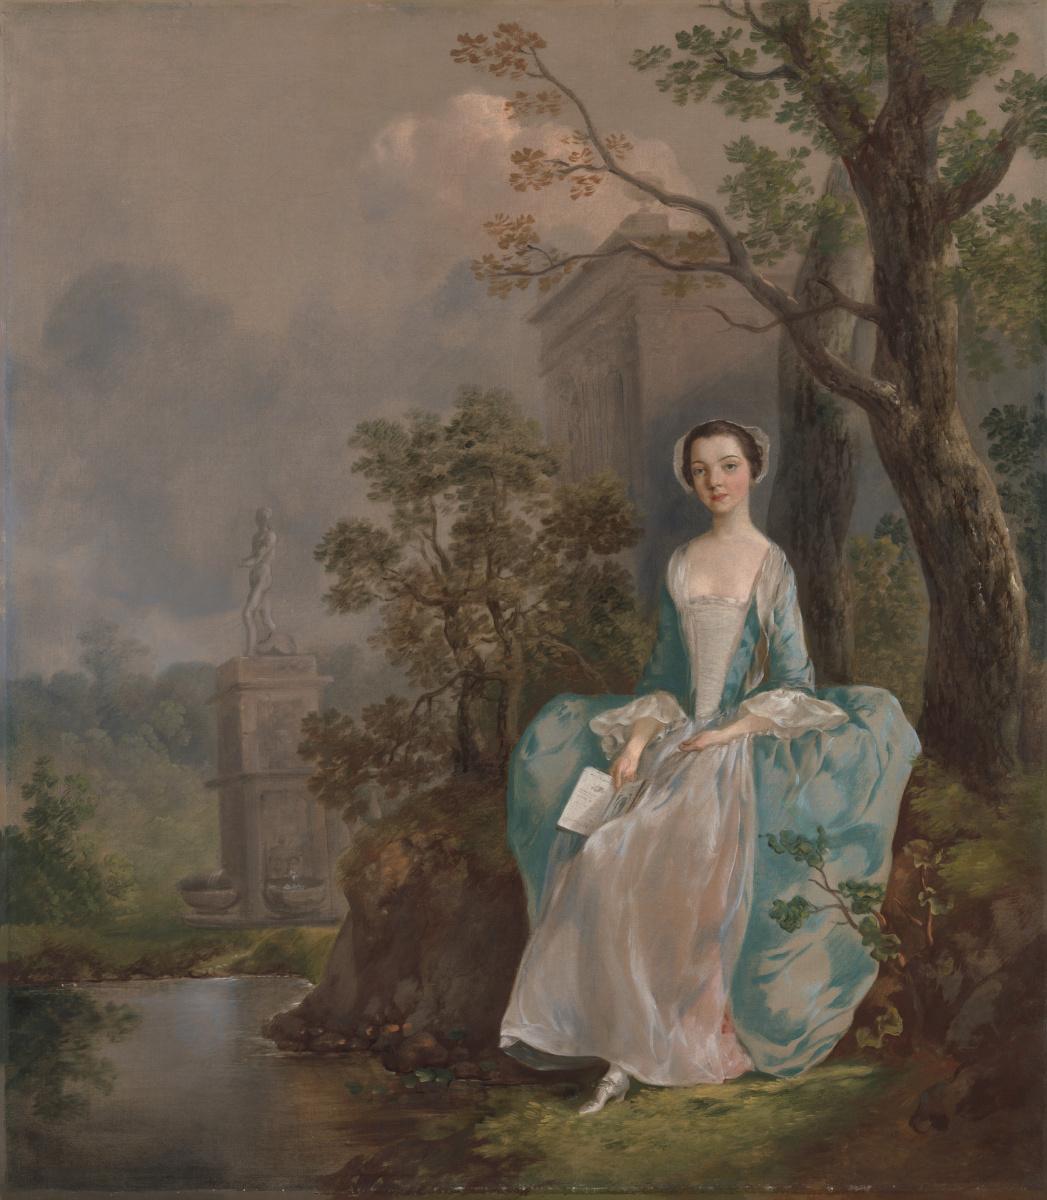 Томас Гейнсборо. Девушка с книгой, сидящая в парке